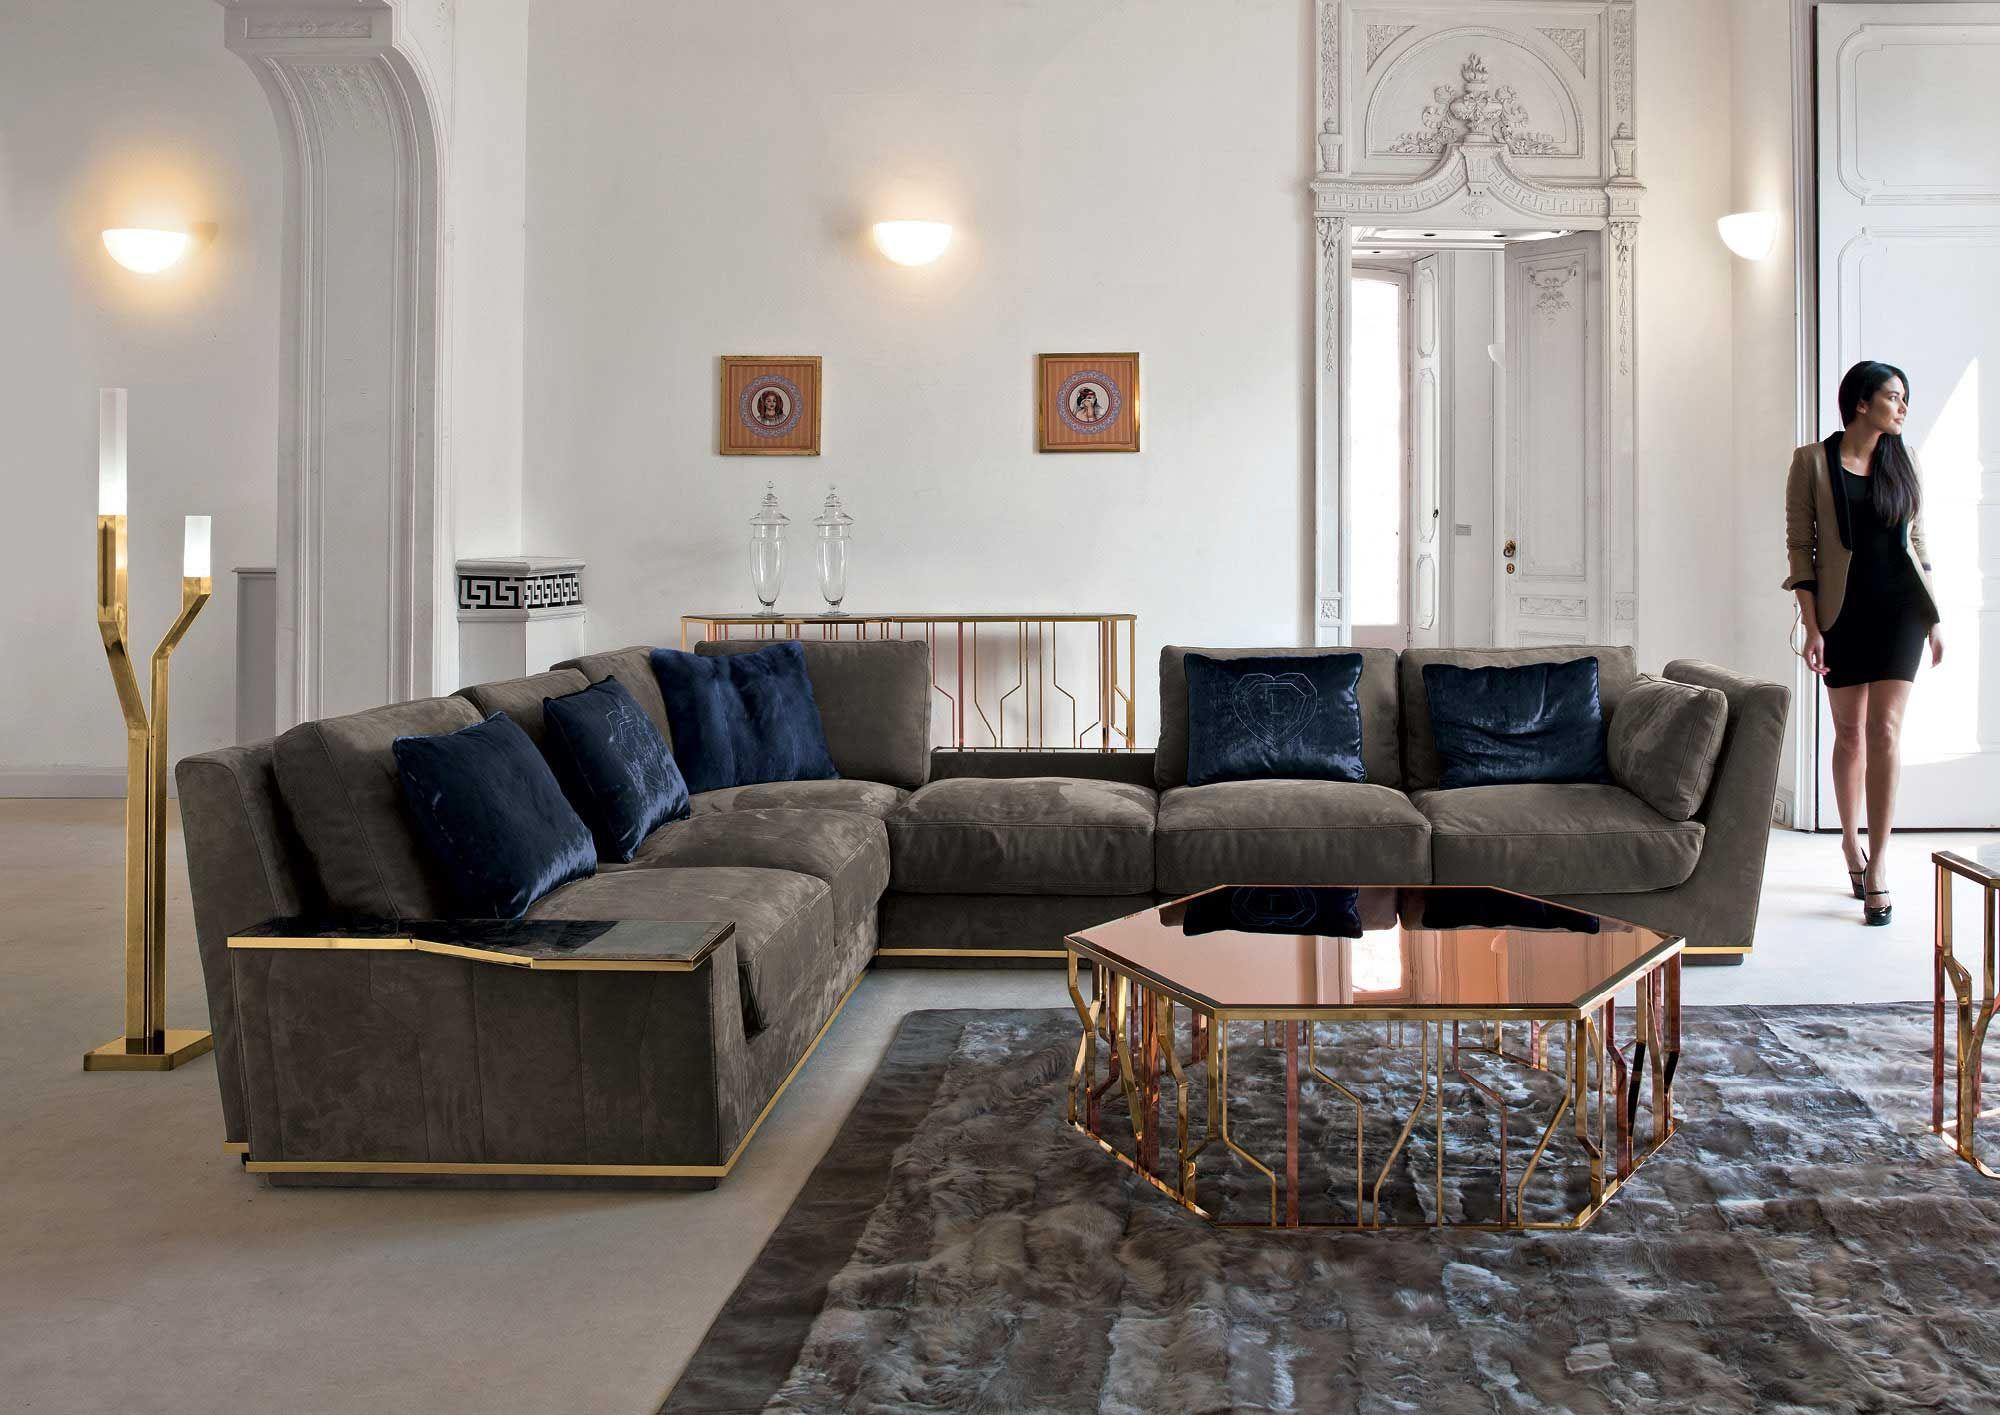 Nobu Sofa by Fratelli Longhi Via Designresource